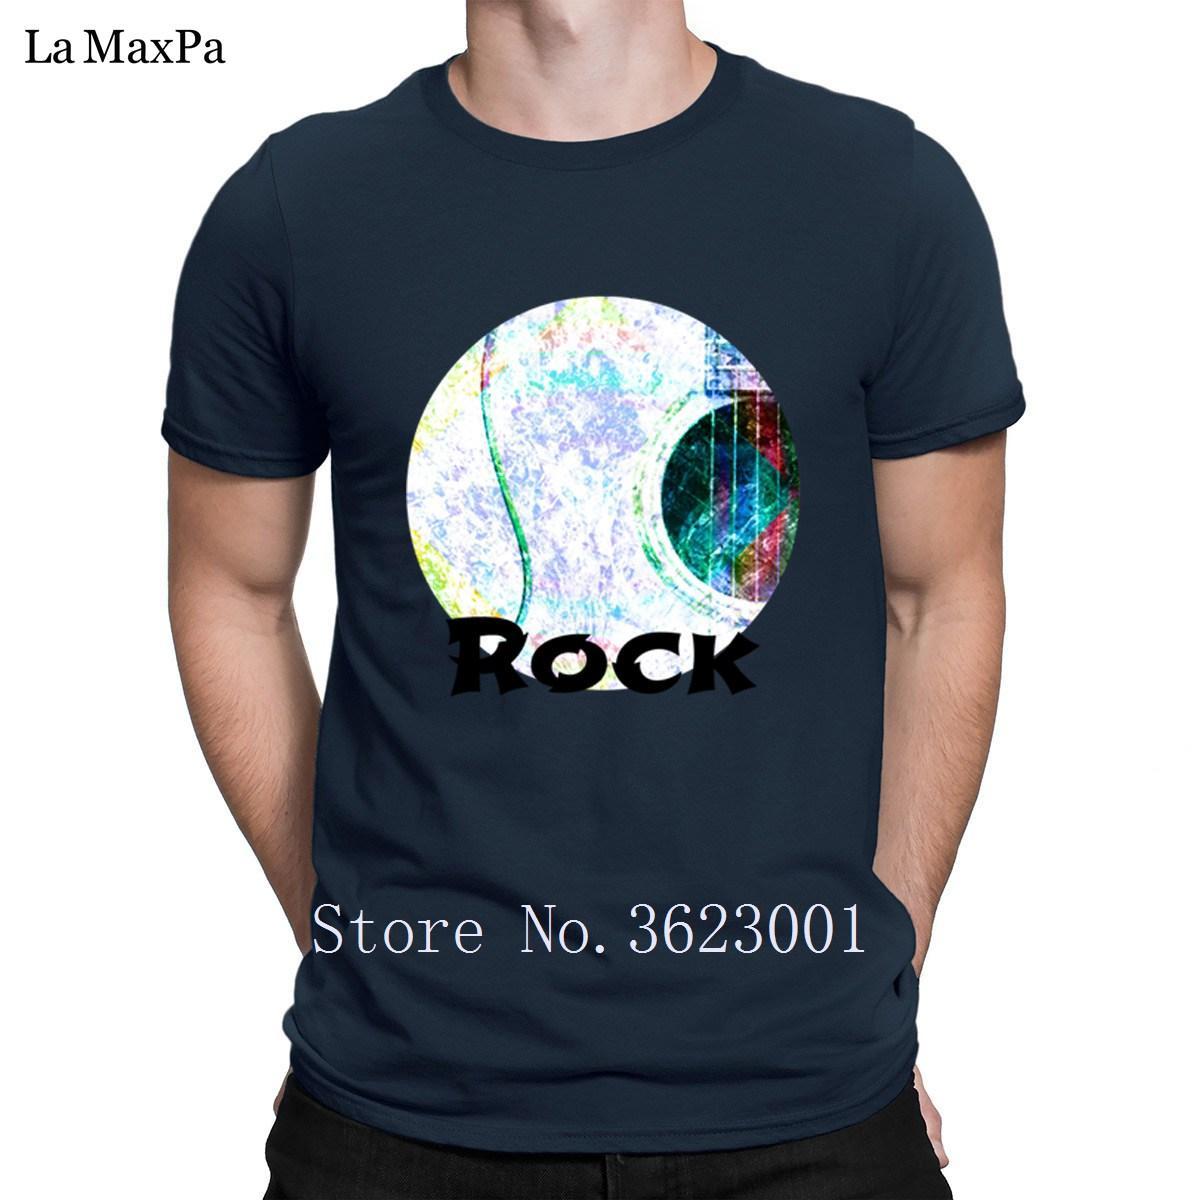 Diseño delgado camiseta para hombre de la lechada de cal acústica Camiseta de la roca de primavera camiseta de los hombres Tamaño natural para los hombres Plus 3XL fitness